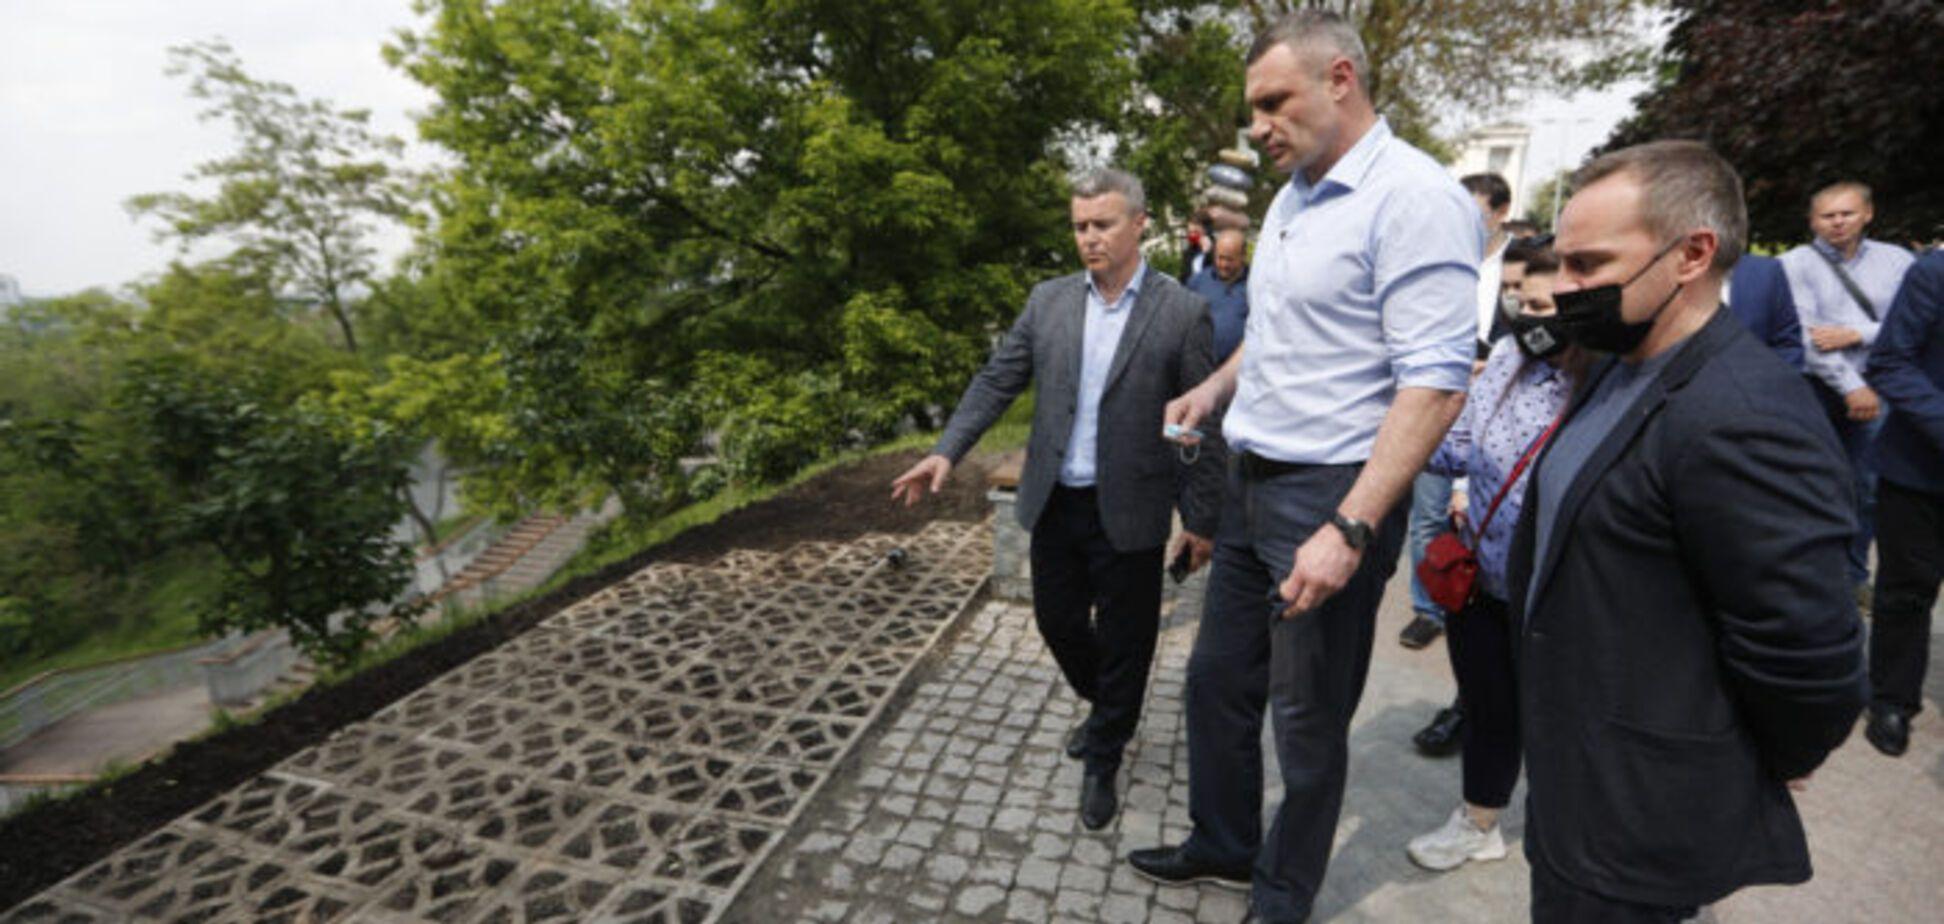 Кличко презентував другу чергу оновлення Пейзажної алеї. Відео